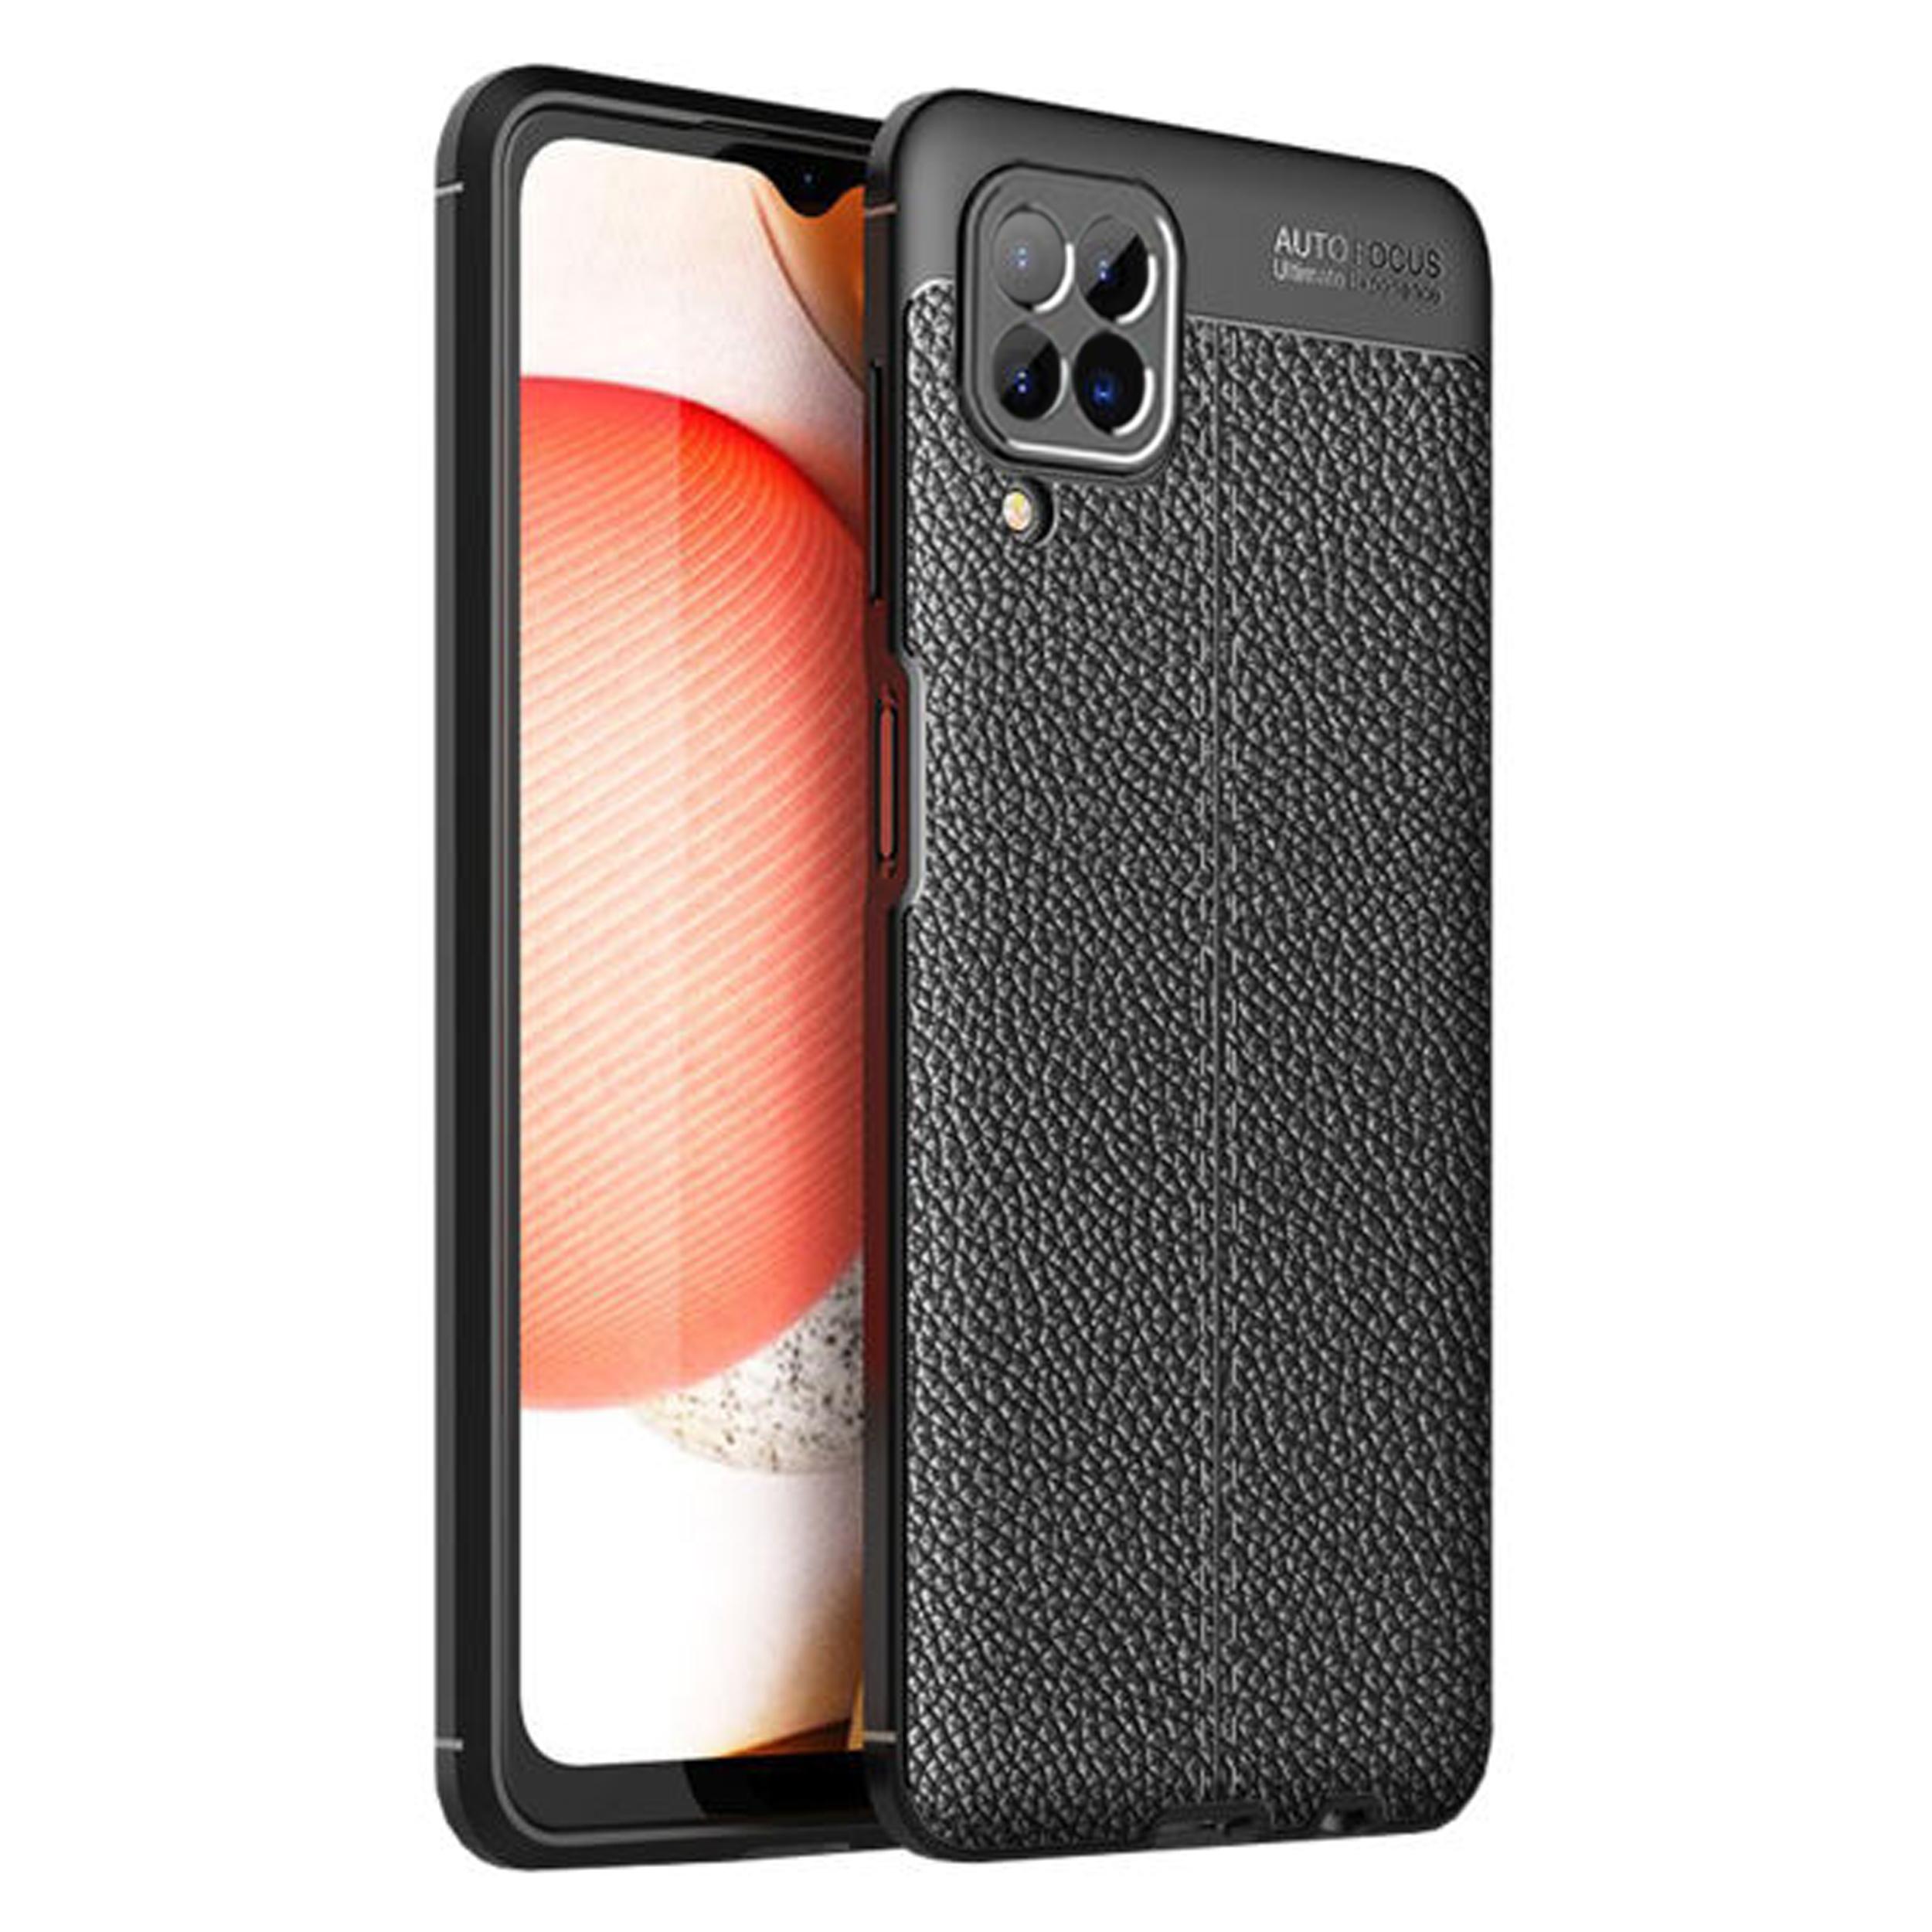 بررسی و {خرید با تخفیف} کاور گرین مدل AF-002 مناسب برای گوشی موبایل سامسونگ Galaxy A12 اصل